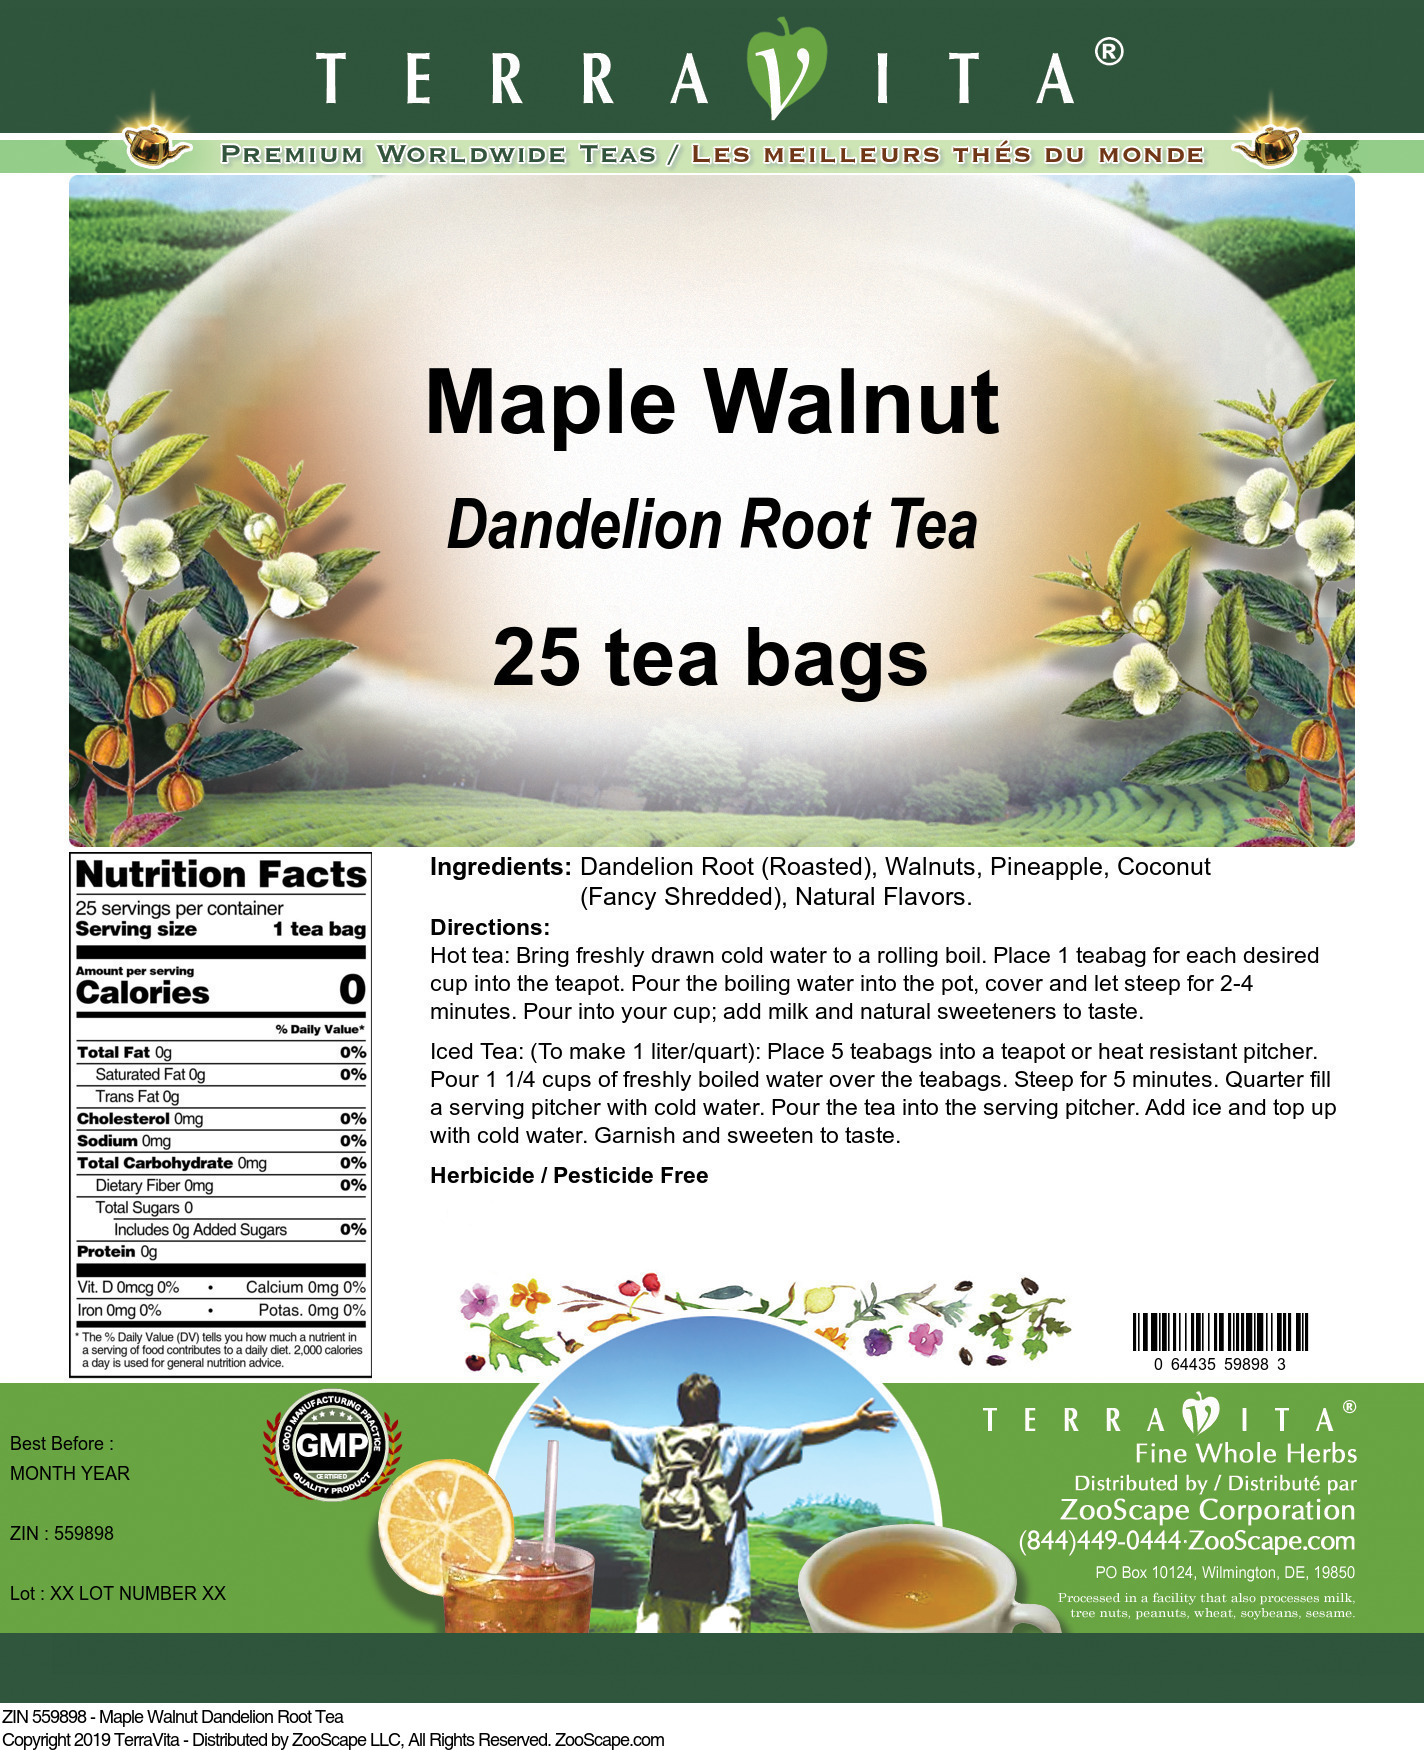 Maple Walnut Dandelion Root Tea